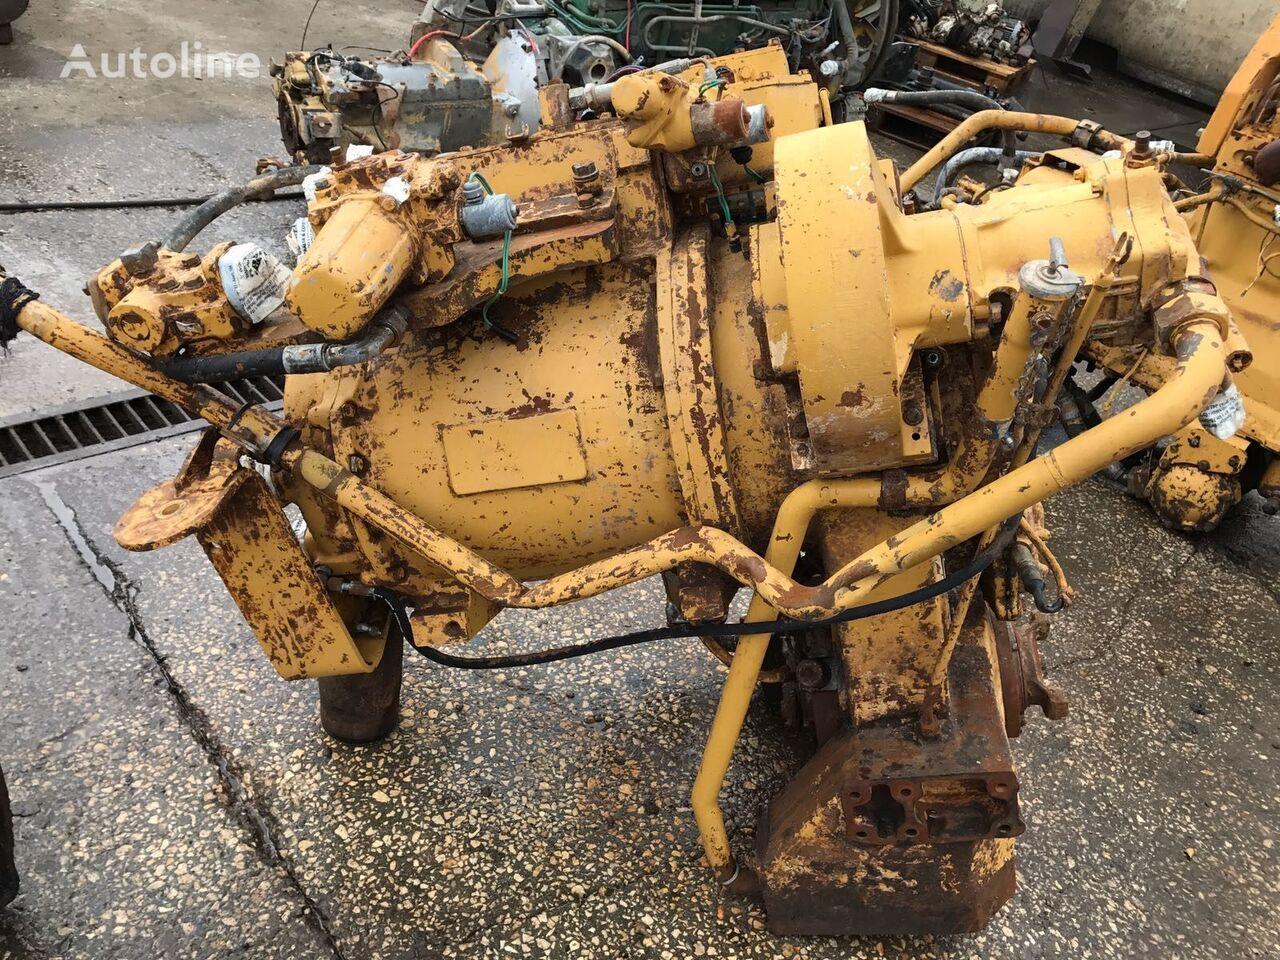 CATERPILLAR D 250E - D 300E mjenjač za zglobnog dampera